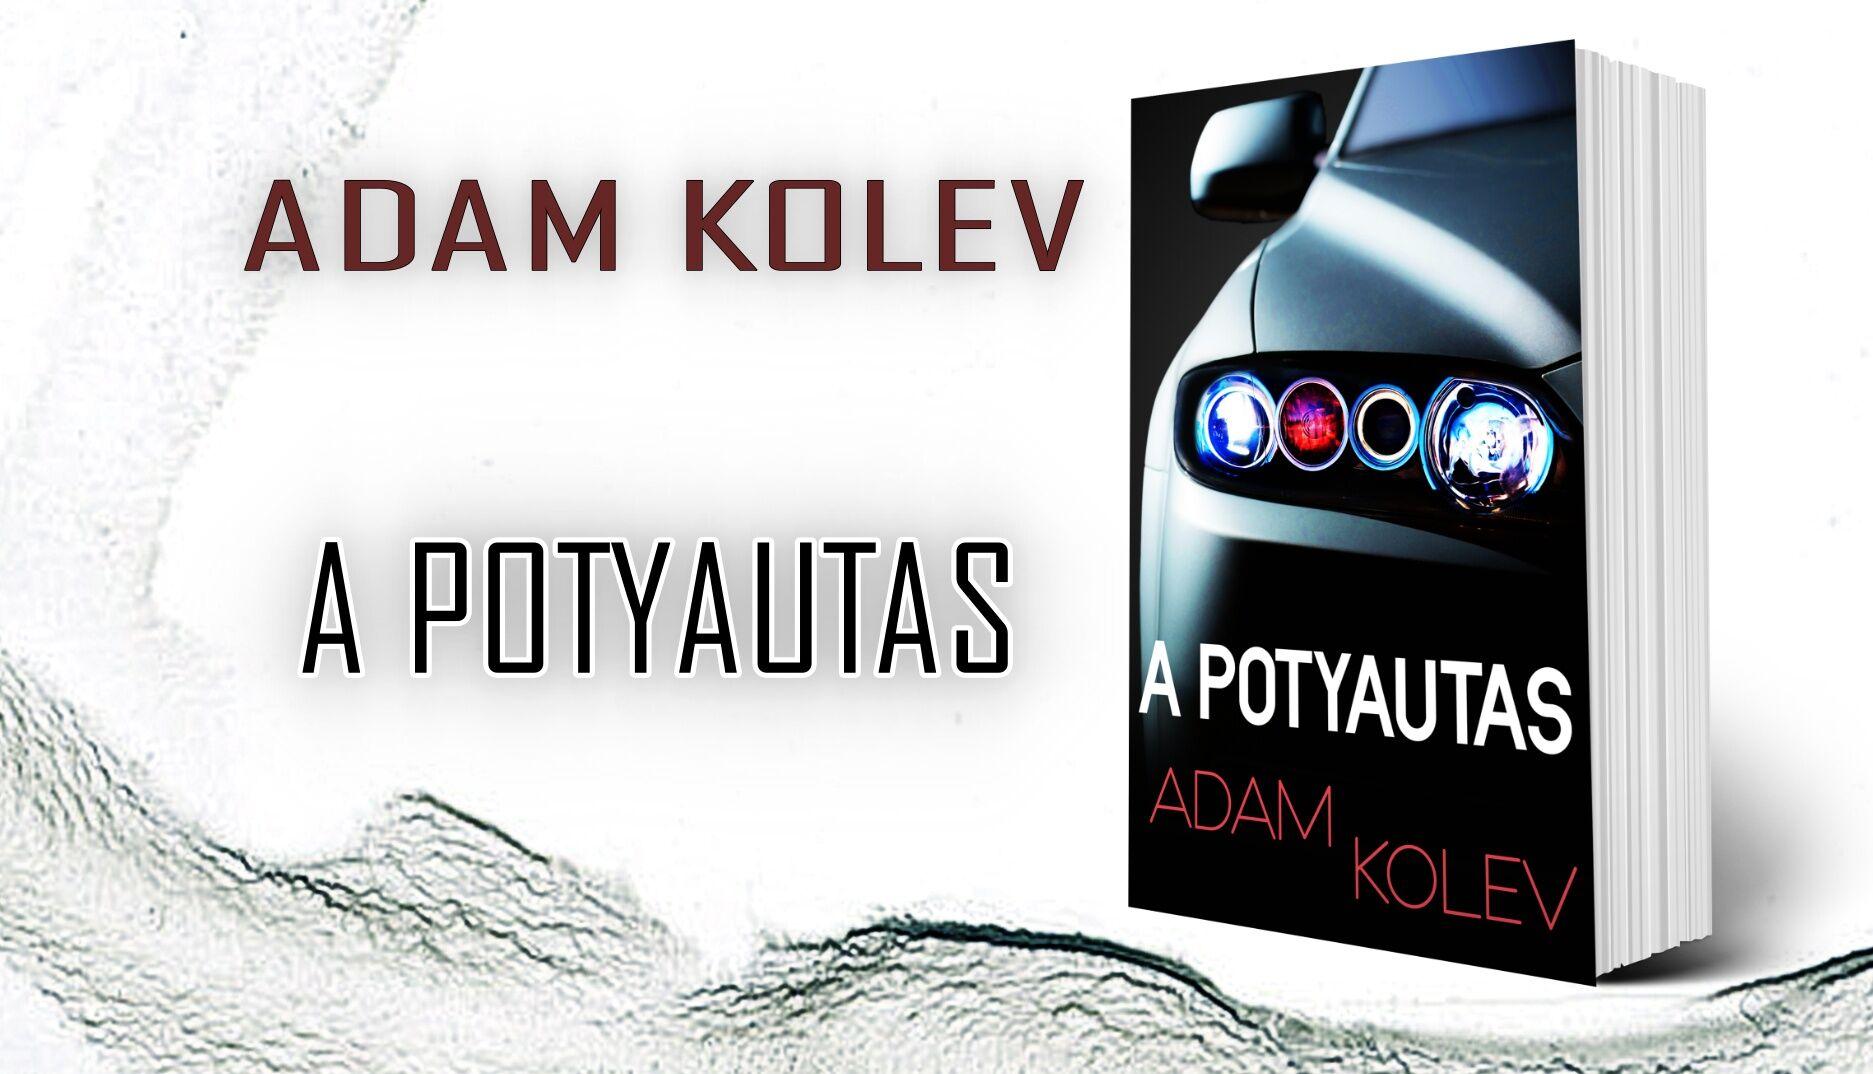 Adam_Kolev_A_Potyautas